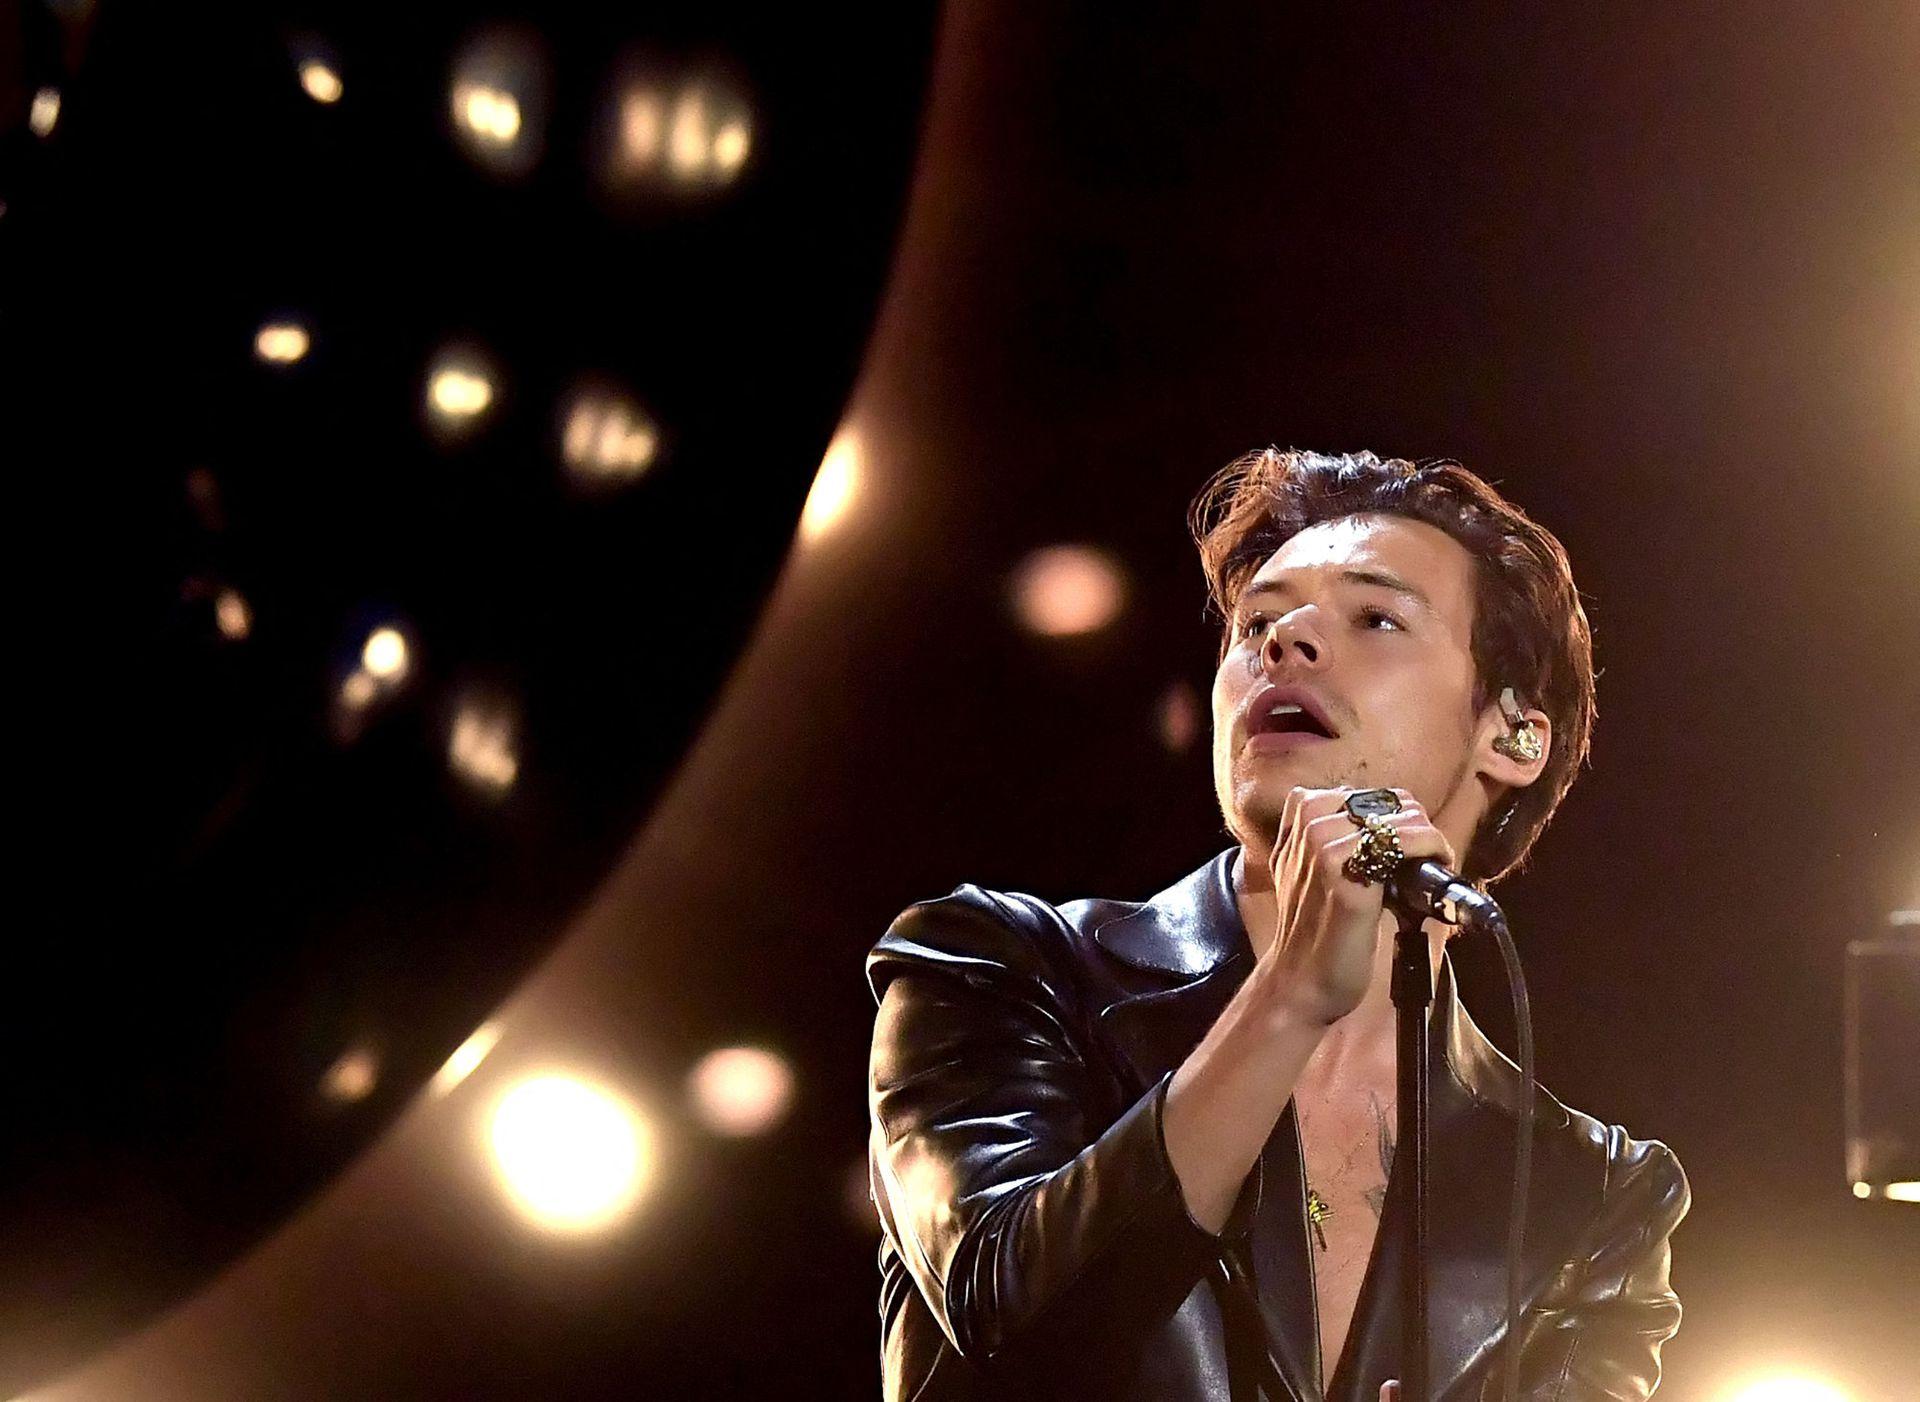 Como sus excompañeros de One Direction, Harry Styles emprendió una fructífera carrera solista